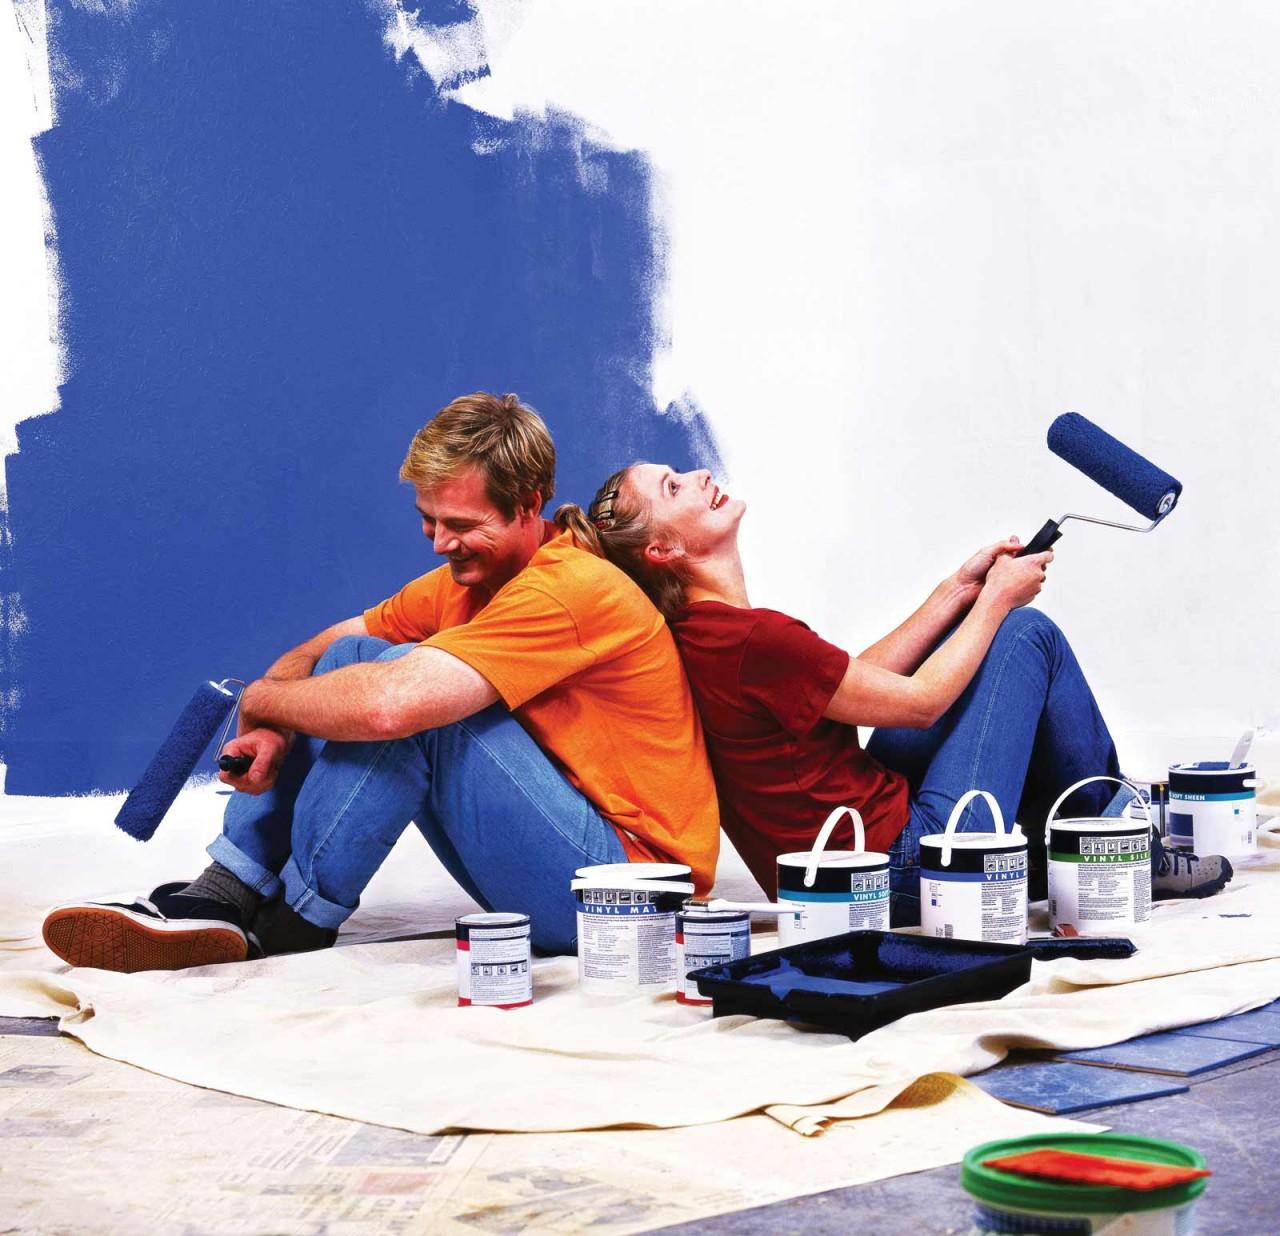 Боитесь и дрожите от того, что требуется ремонт квартиры? Расслабьтесь